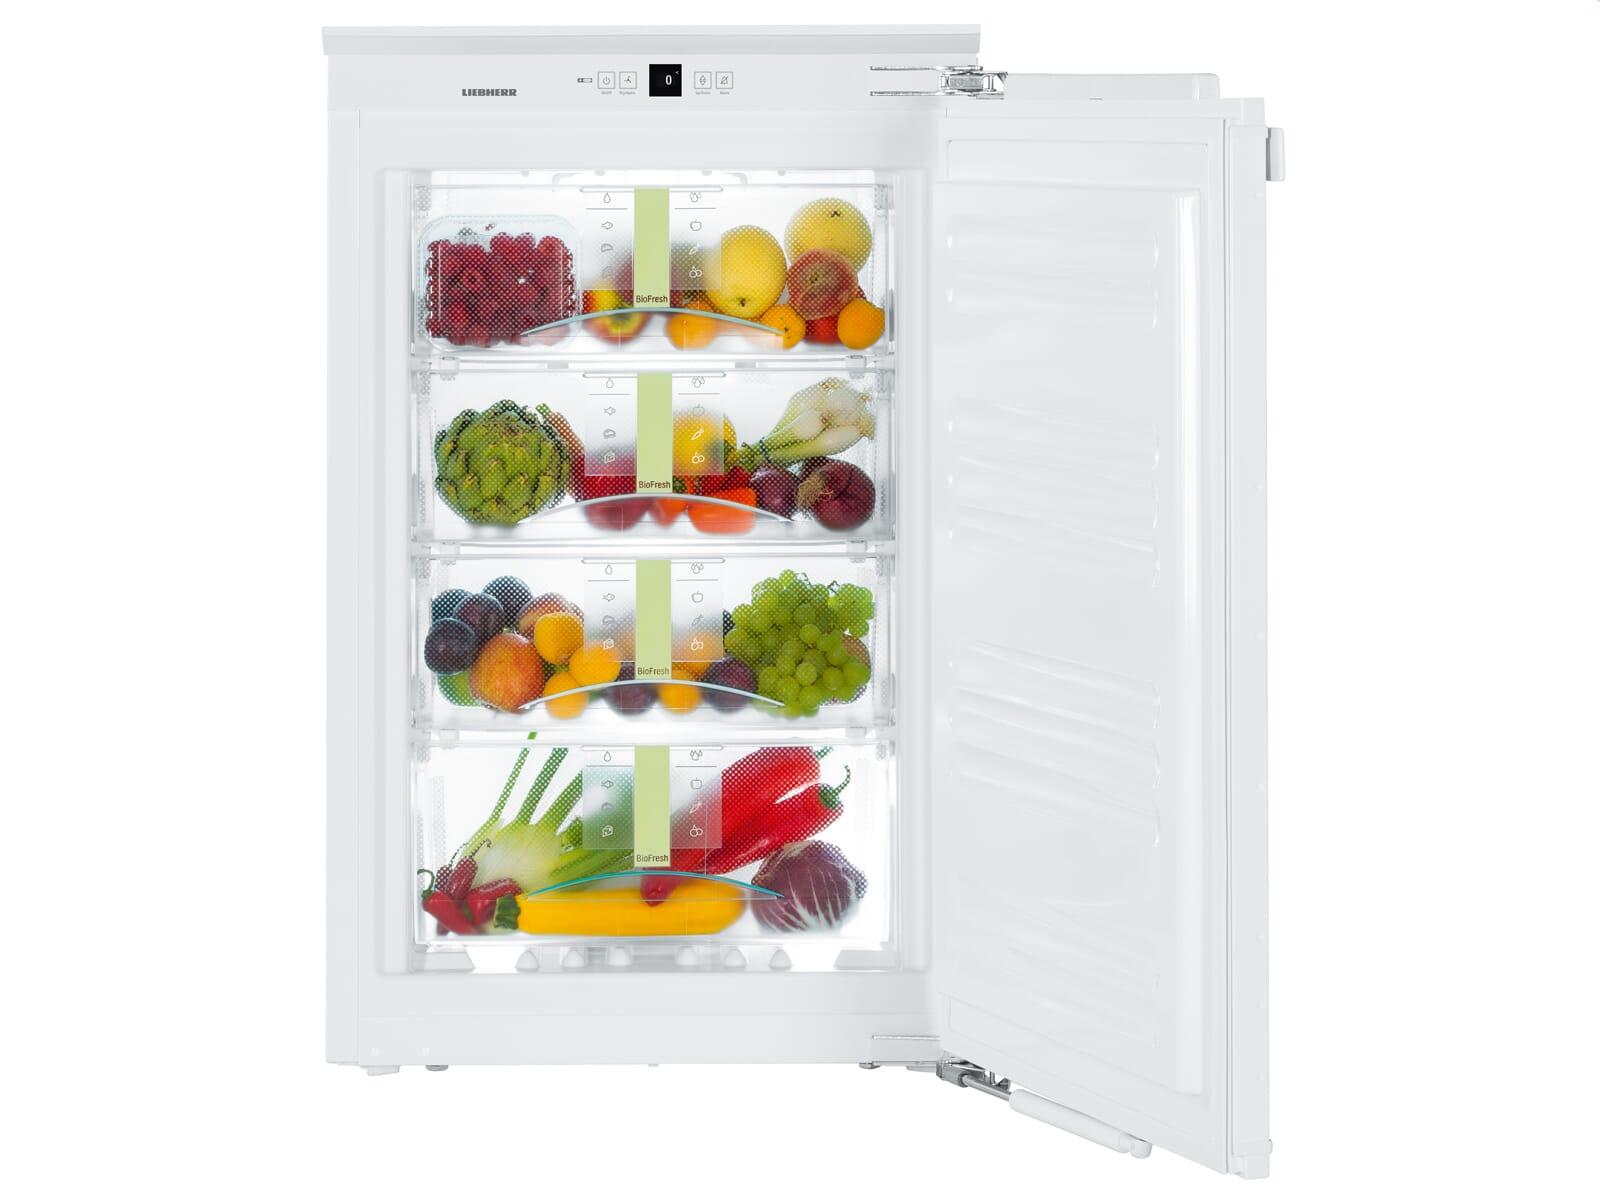 Side By Side Einbau Kühlschrank Liebherr : Liebherr sibp 1650 premium biofresh einbaukühlschrank a